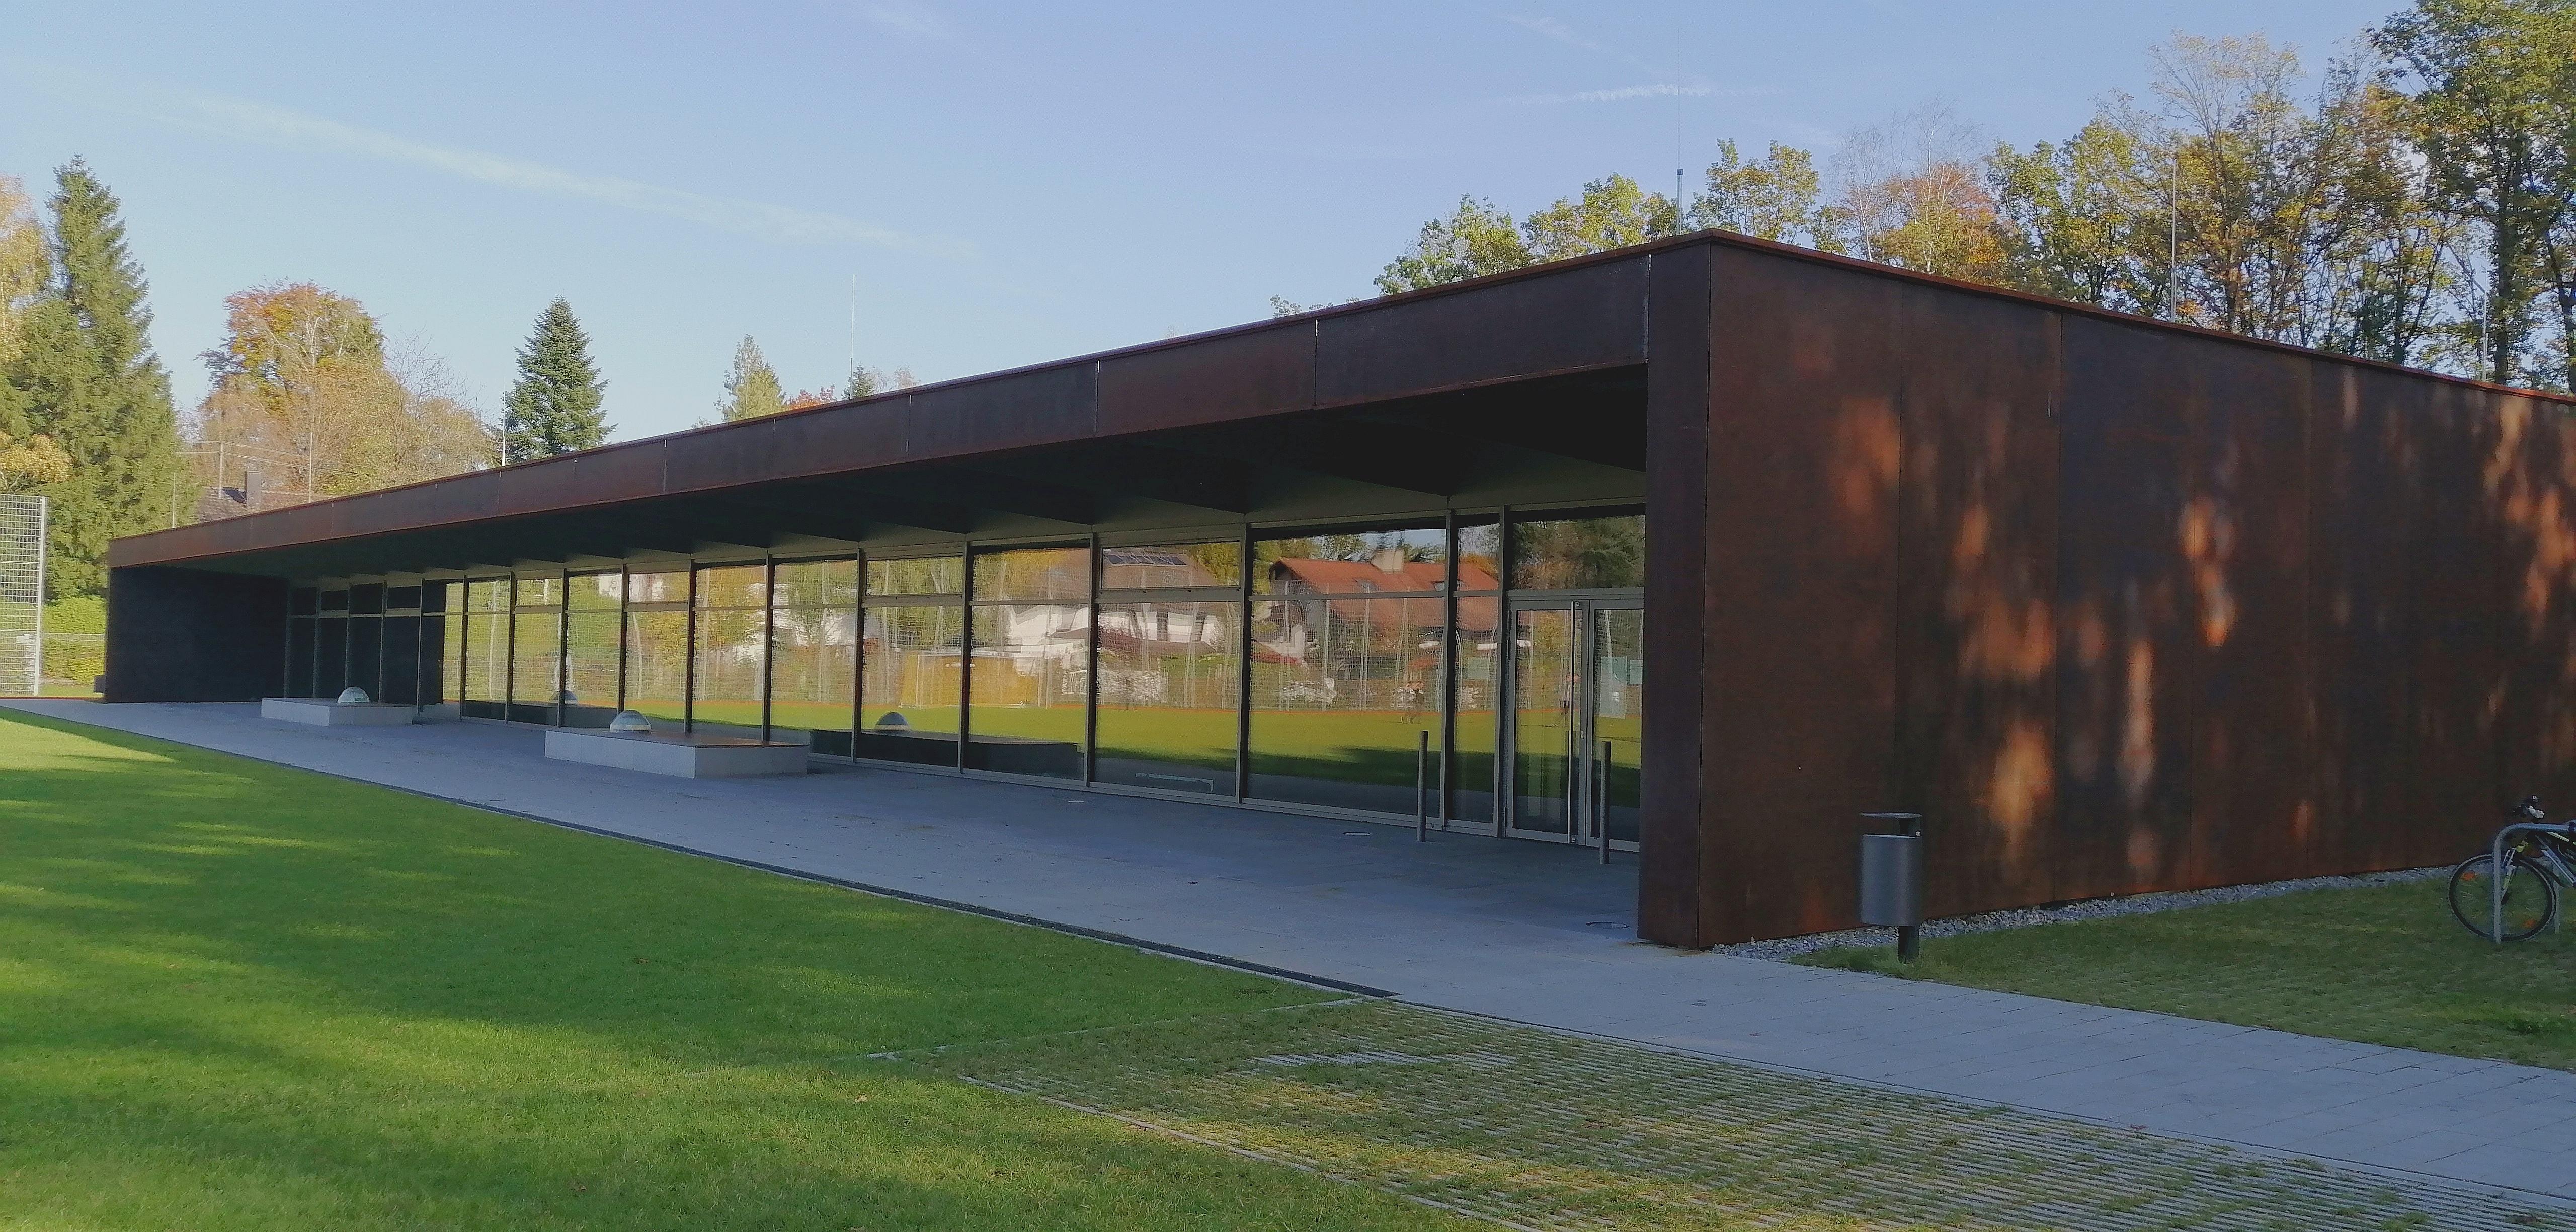 Willkommen am Gymnasium Ottobrunn